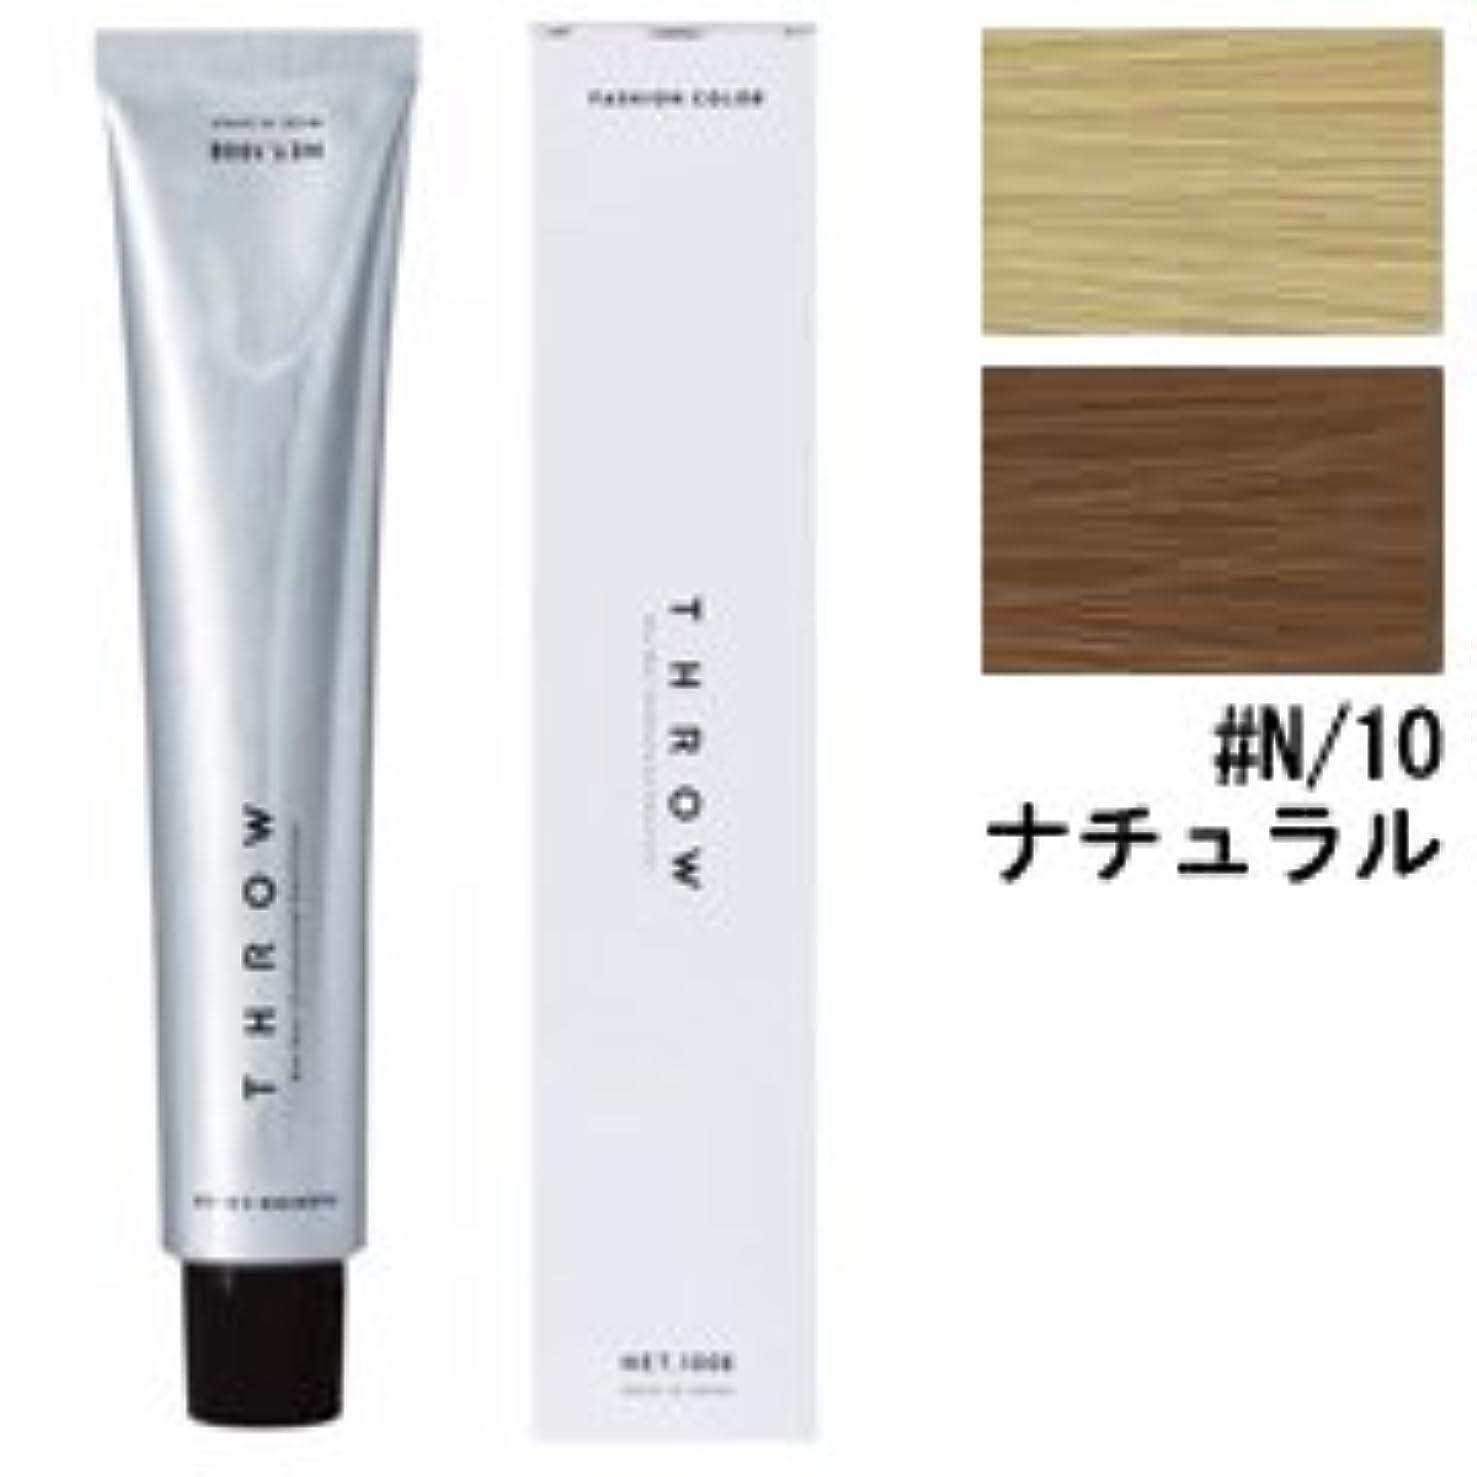 強風便益絡まる【モルトベーネ】スロウ ファッションカラー #N/10 ナチュラル 100g